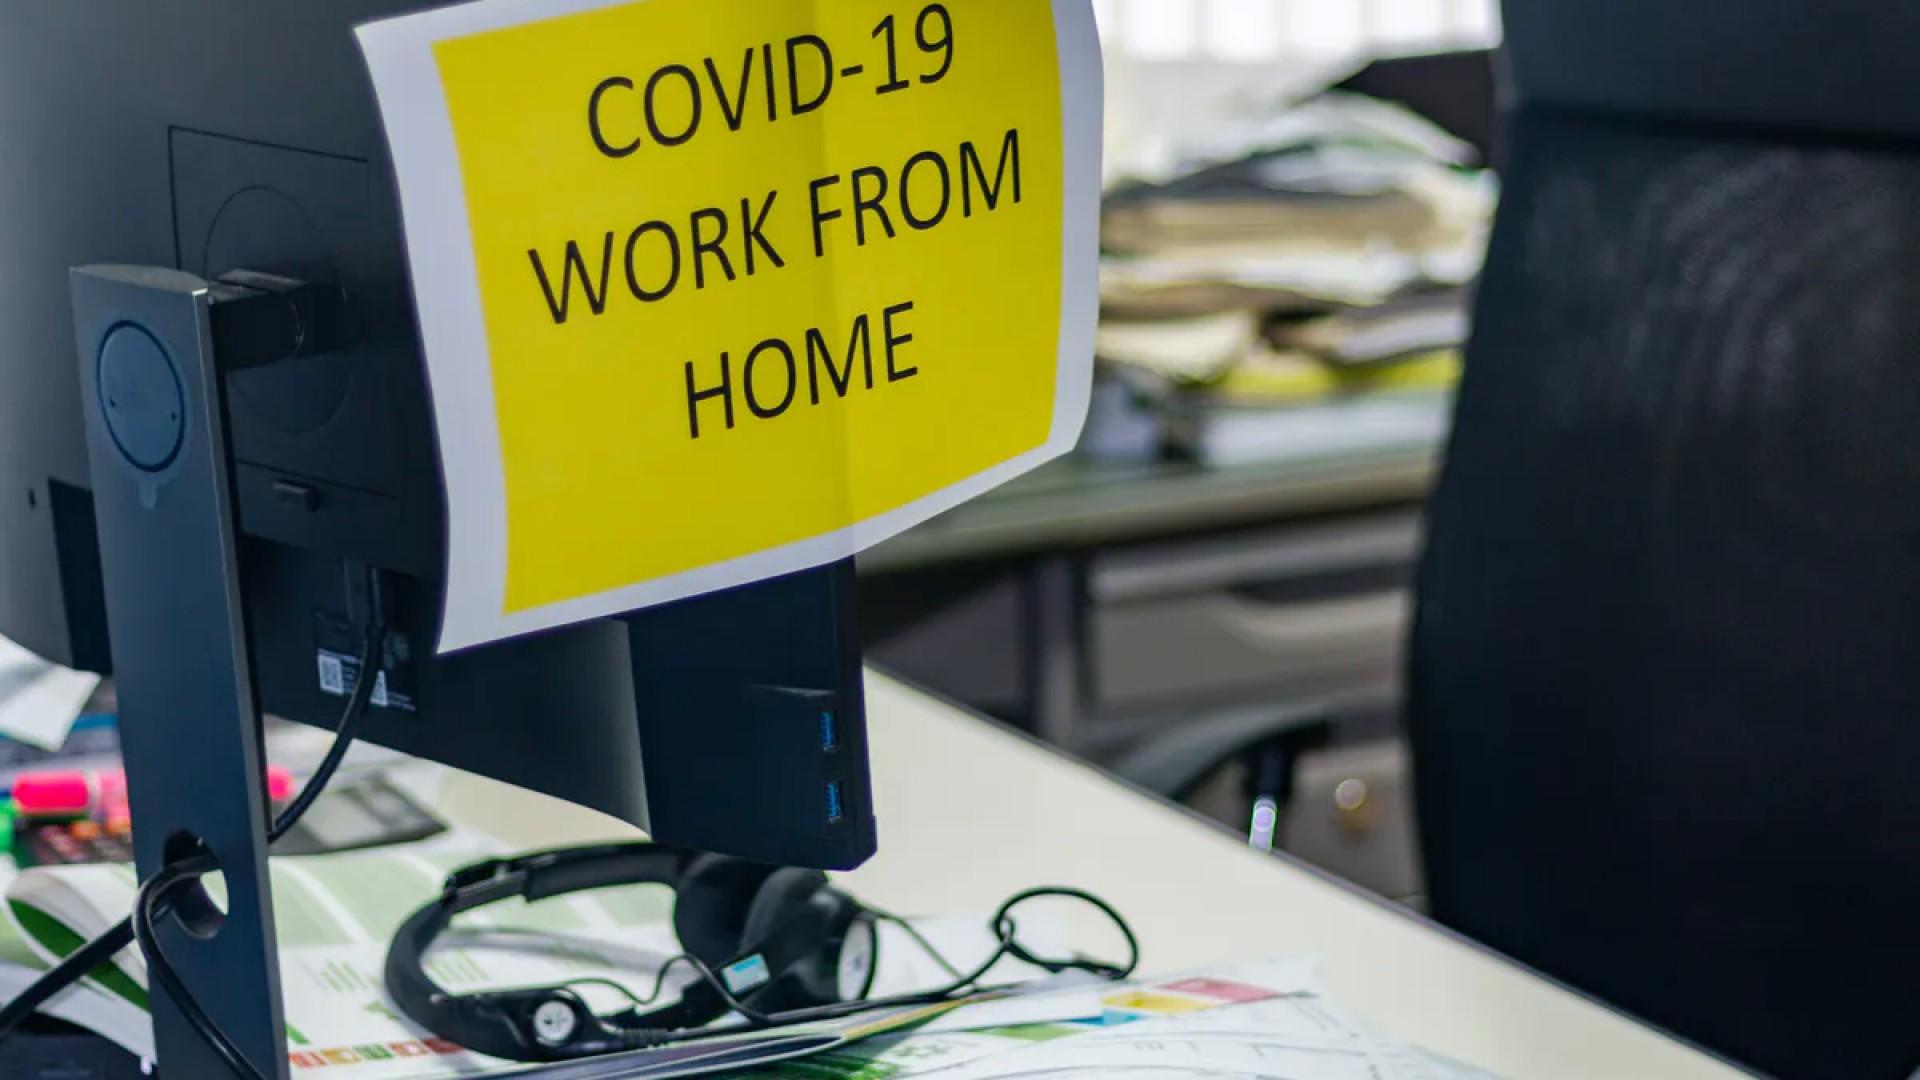 Românii resimt lipsa interacţiunii şi a schimbului de informaţii cu colegii când lucrează de acasă (studiu)